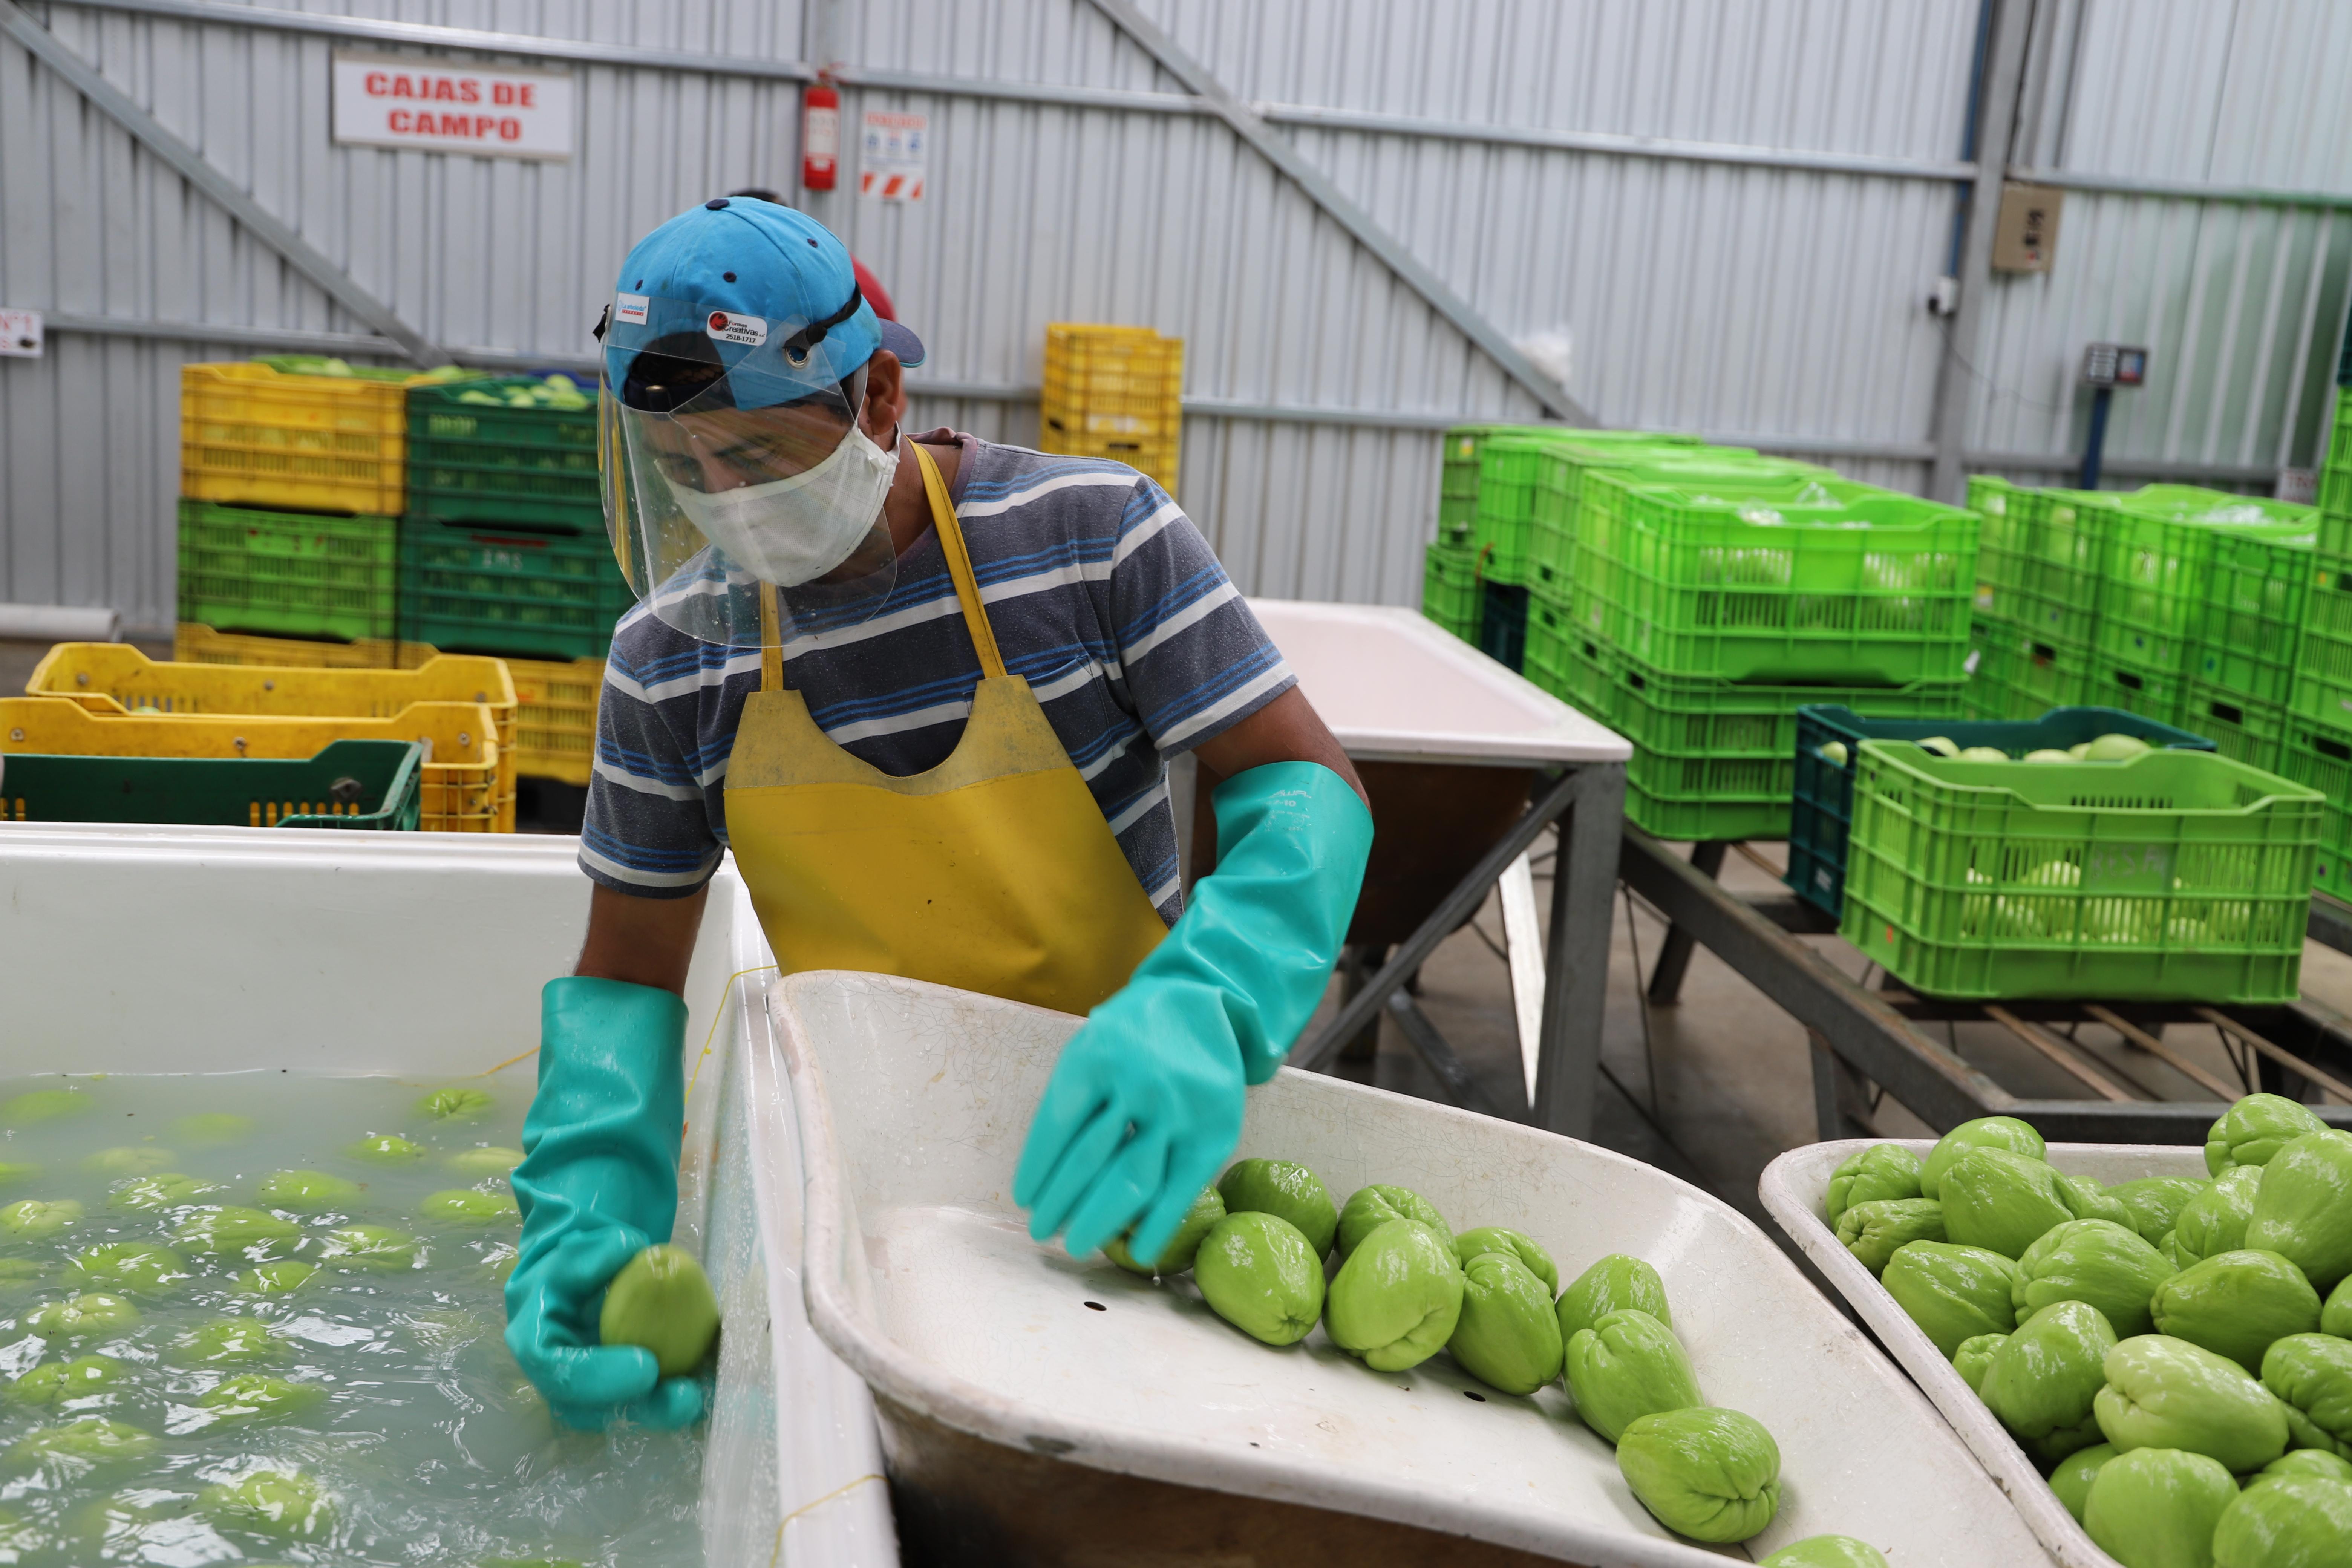 Pyme agrícola de Ujarrás se prepara para diversificar durante la pandemia